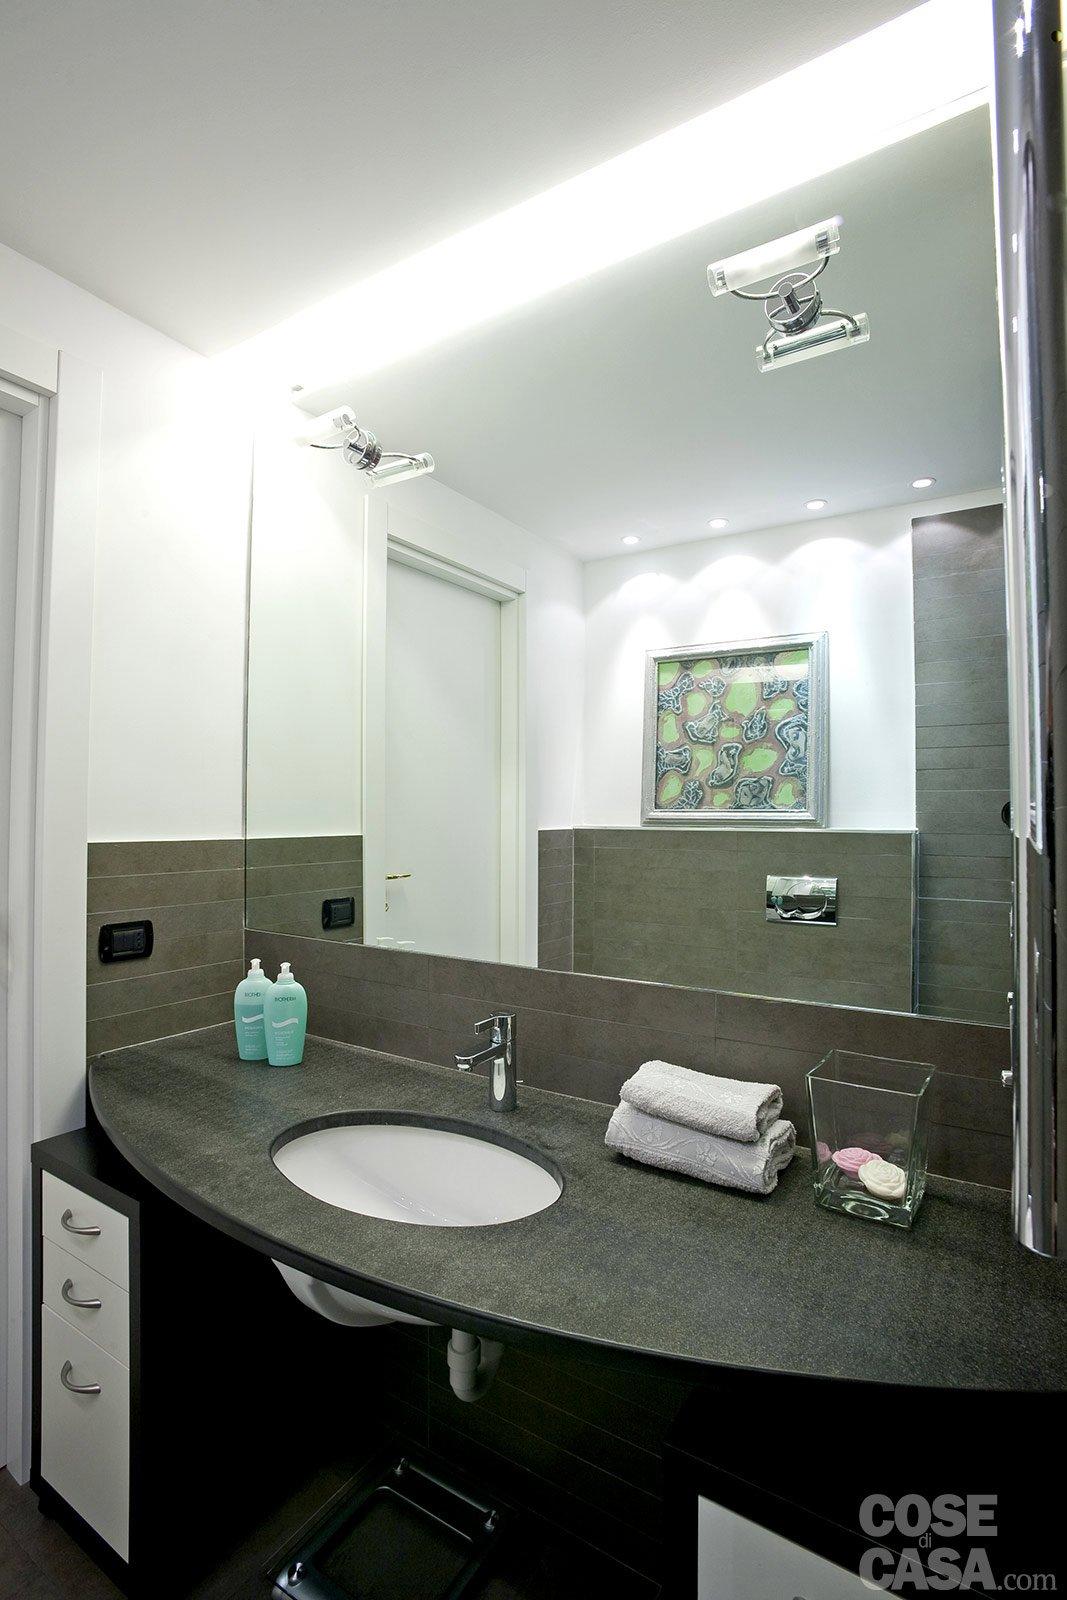 Una casa mini con curve e nicchie risolutive cose di casa for 2 bagni piccola casa